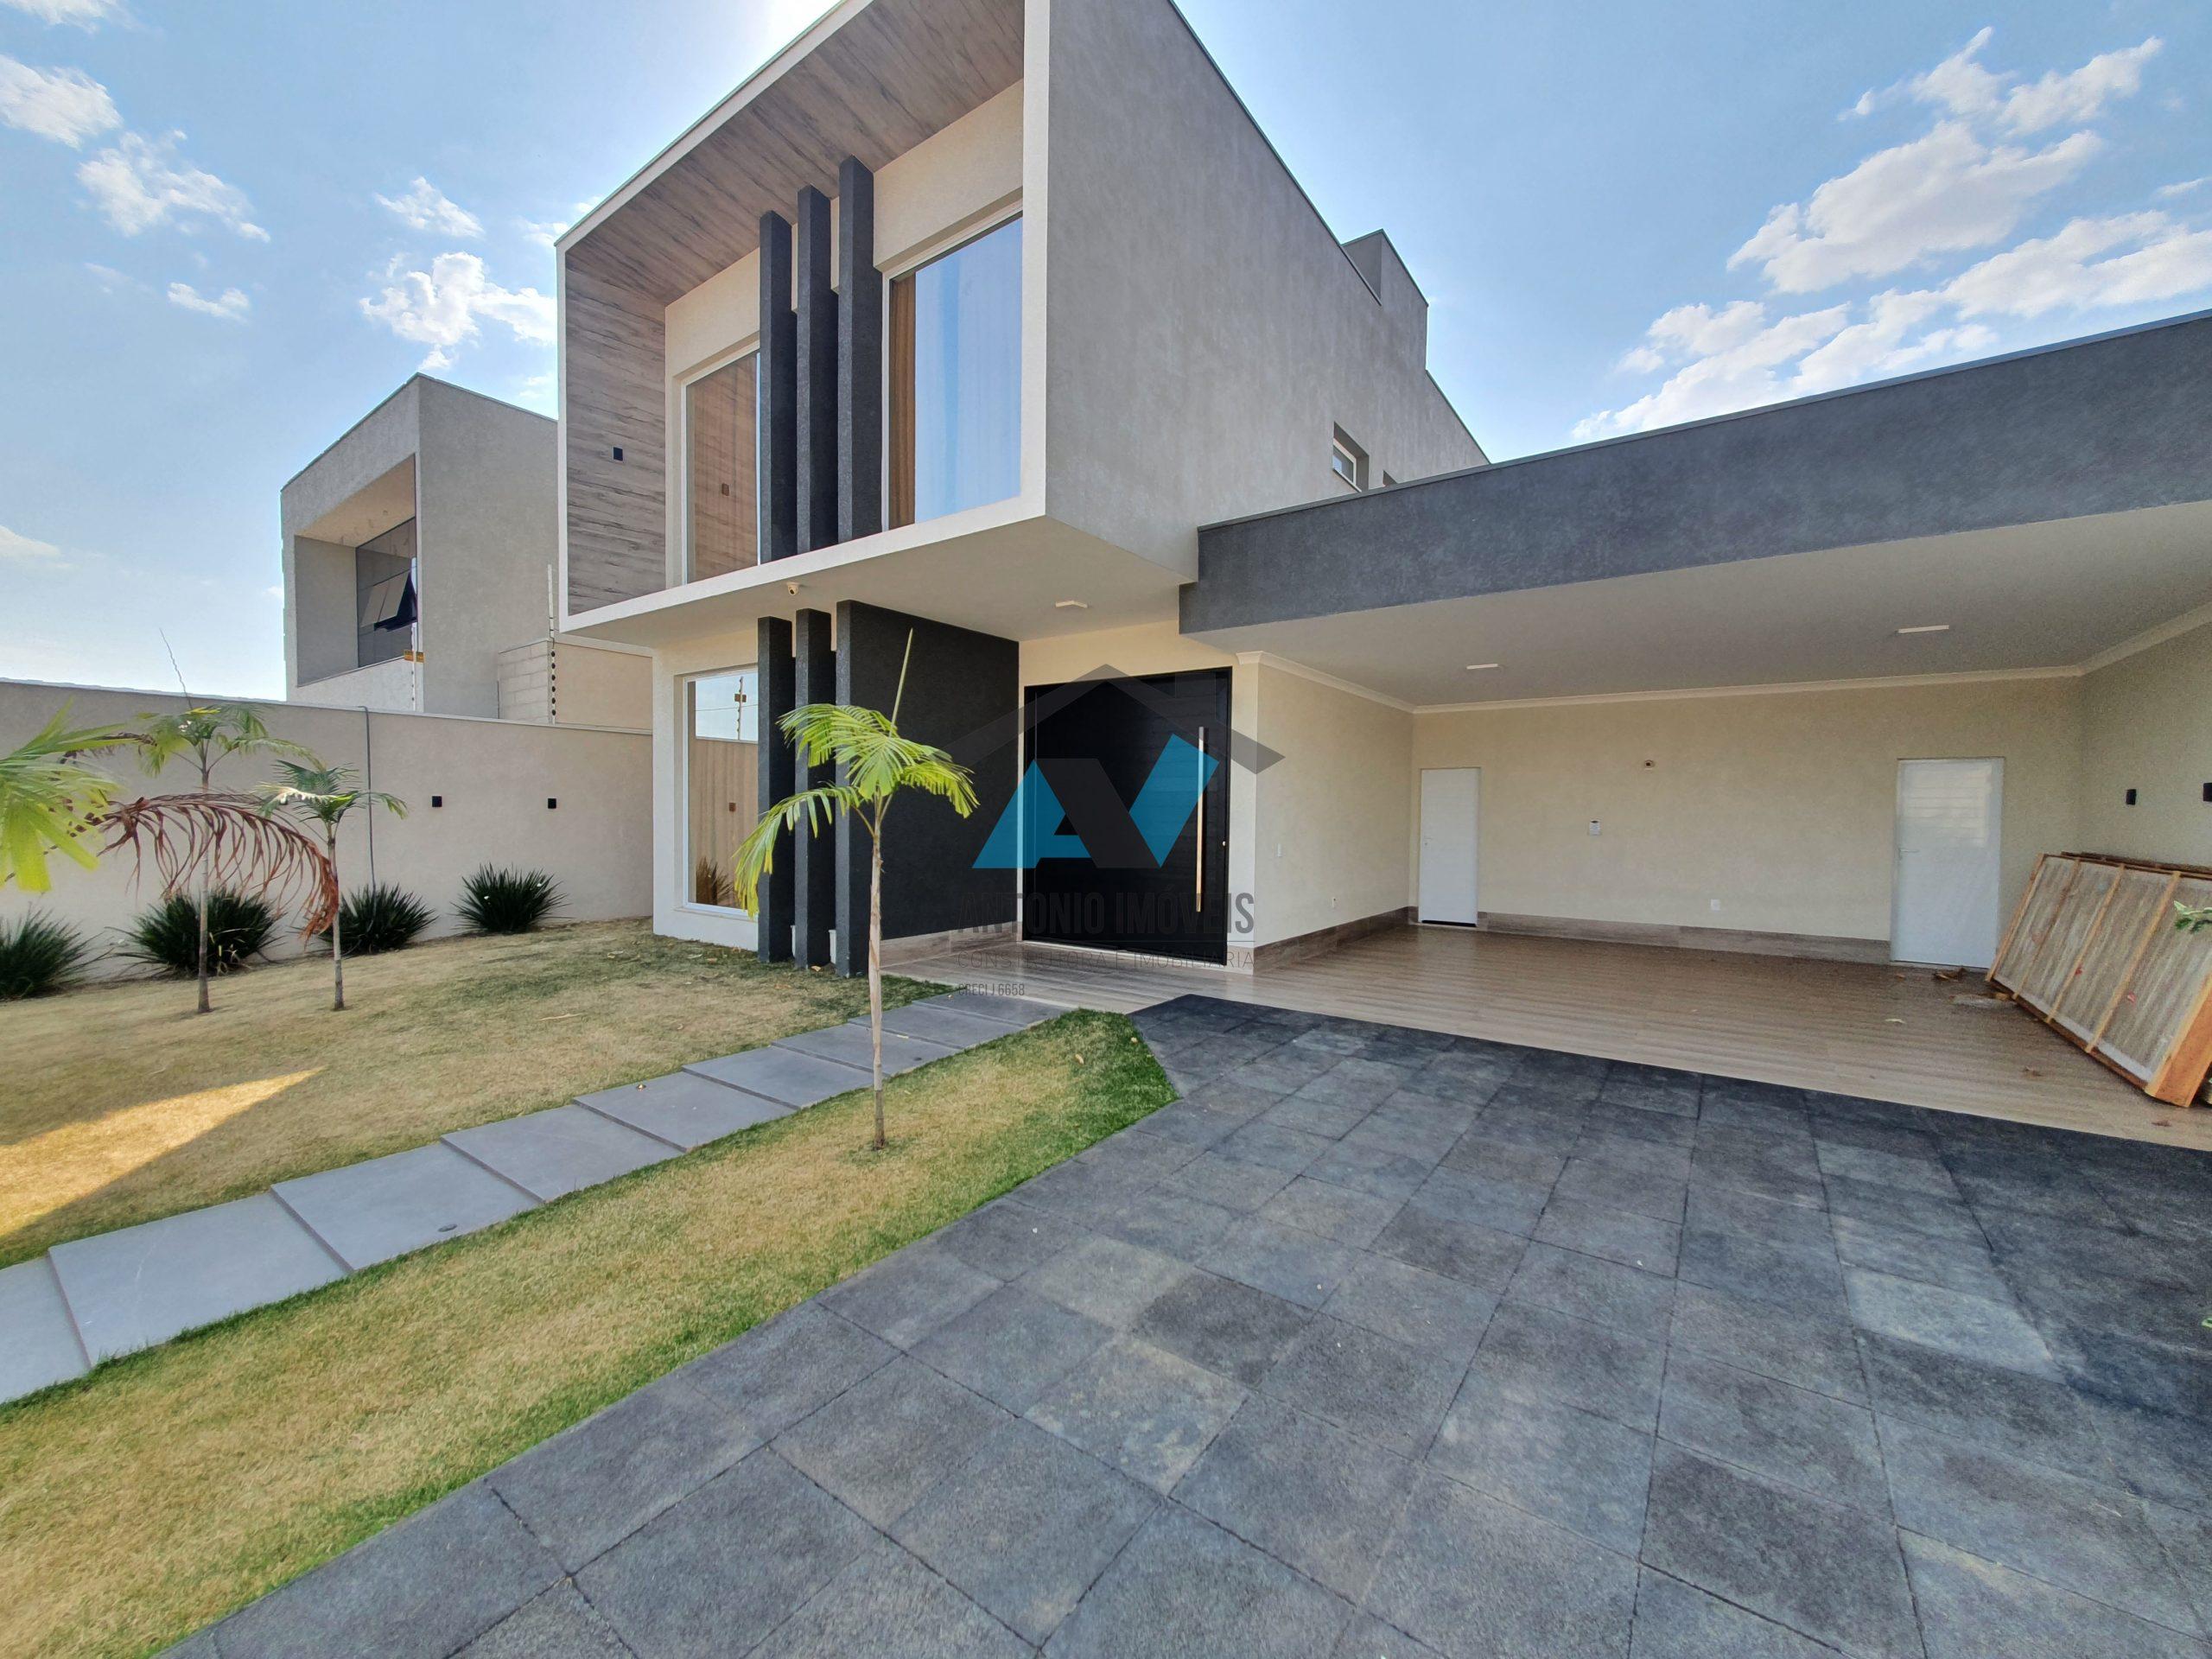 Cod. 283 – Sobrado no Jardim Riva com móveis, eletro domésticos, energia solar com designe Moderno